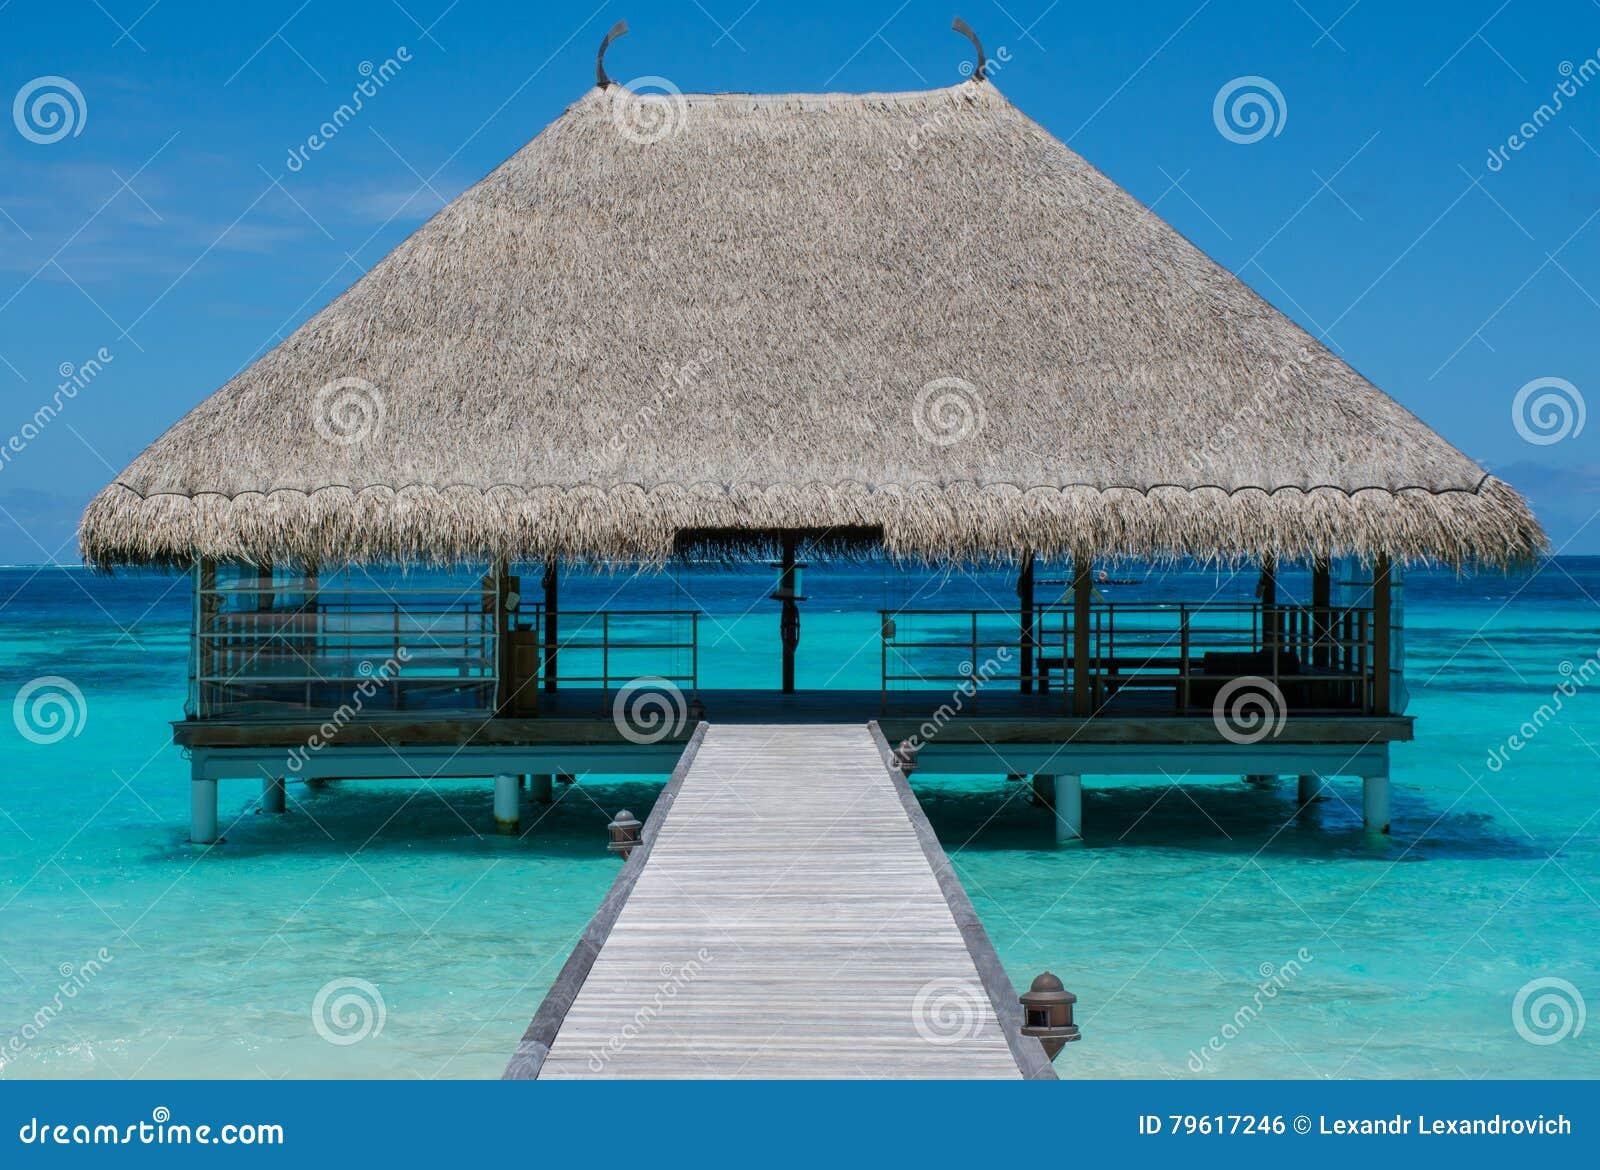 paysage tropical de plage avec le pont en bois et la maison sur l 39 eau chez les maldives photo. Black Bedroom Furniture Sets. Home Design Ideas